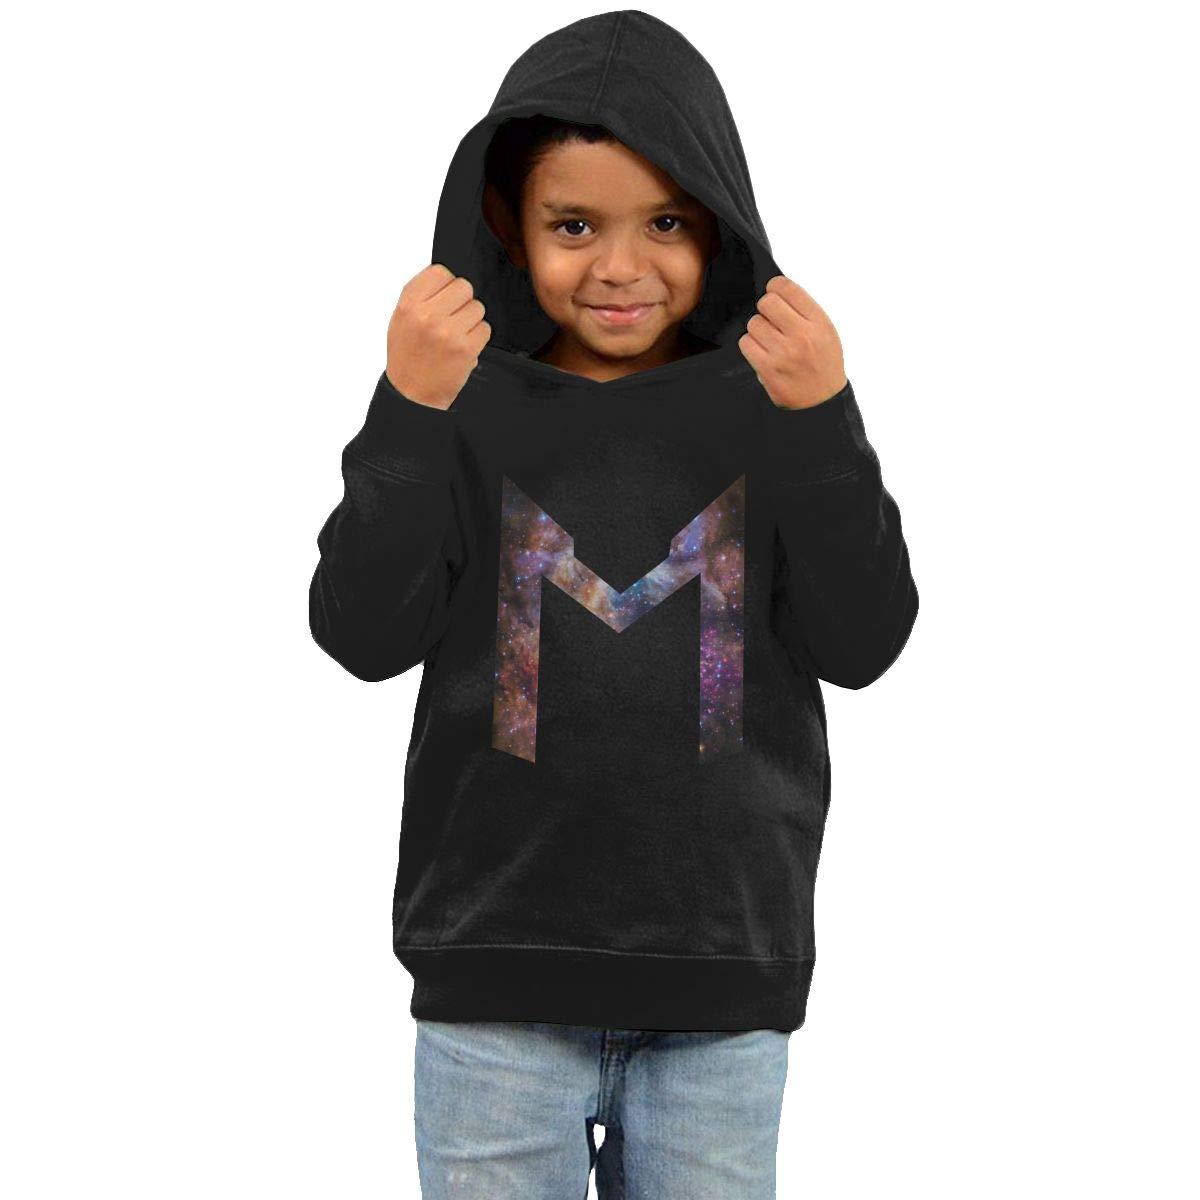 Stacy J. Payne Kids Markiplier Space Logo Cool Hoodies41 Black